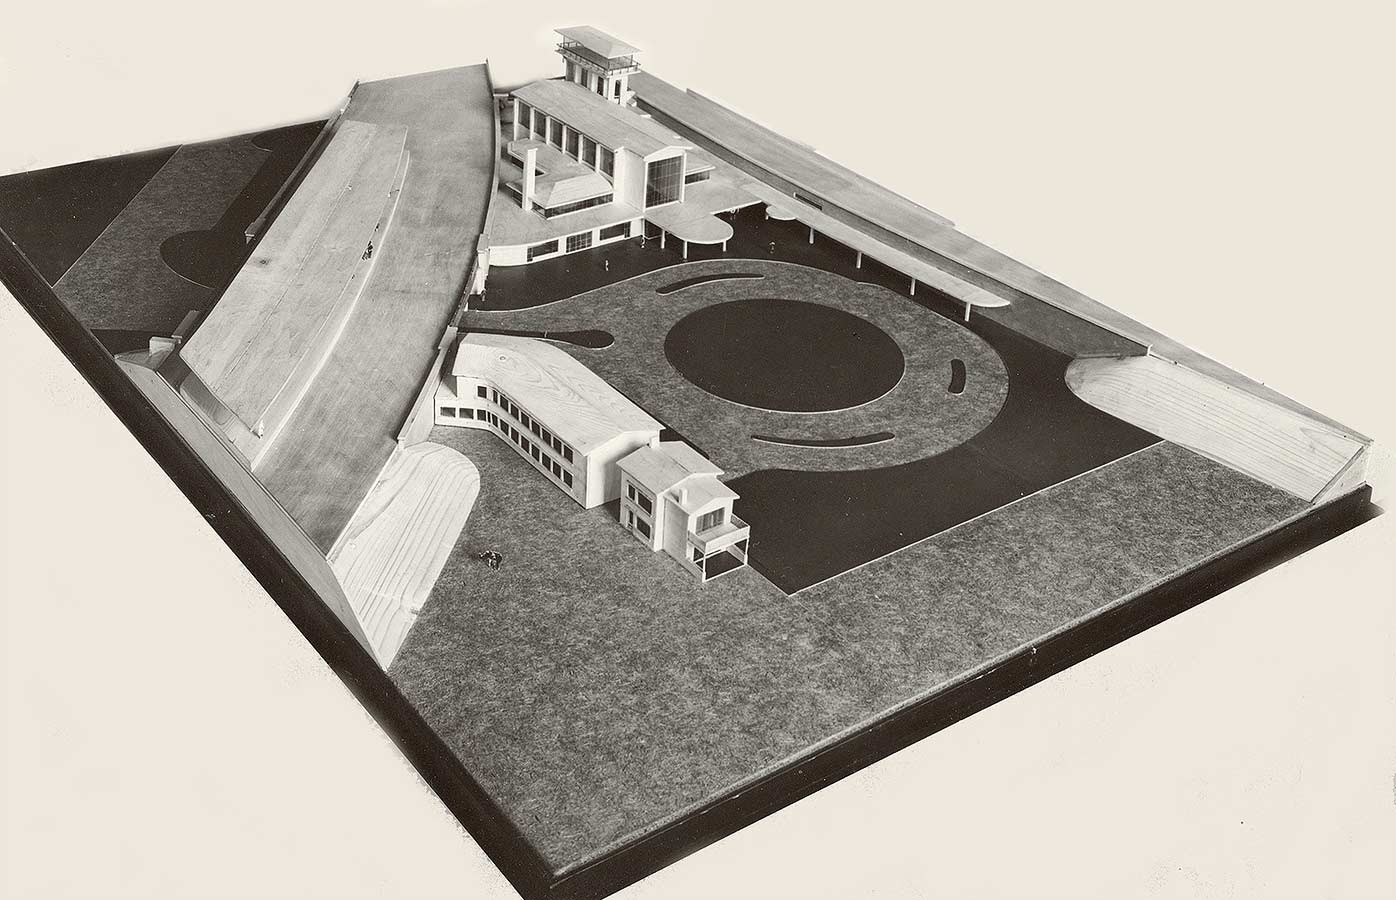 Maquette Muiderpoortstation met op voorgrond rechts het Oostspoorplein